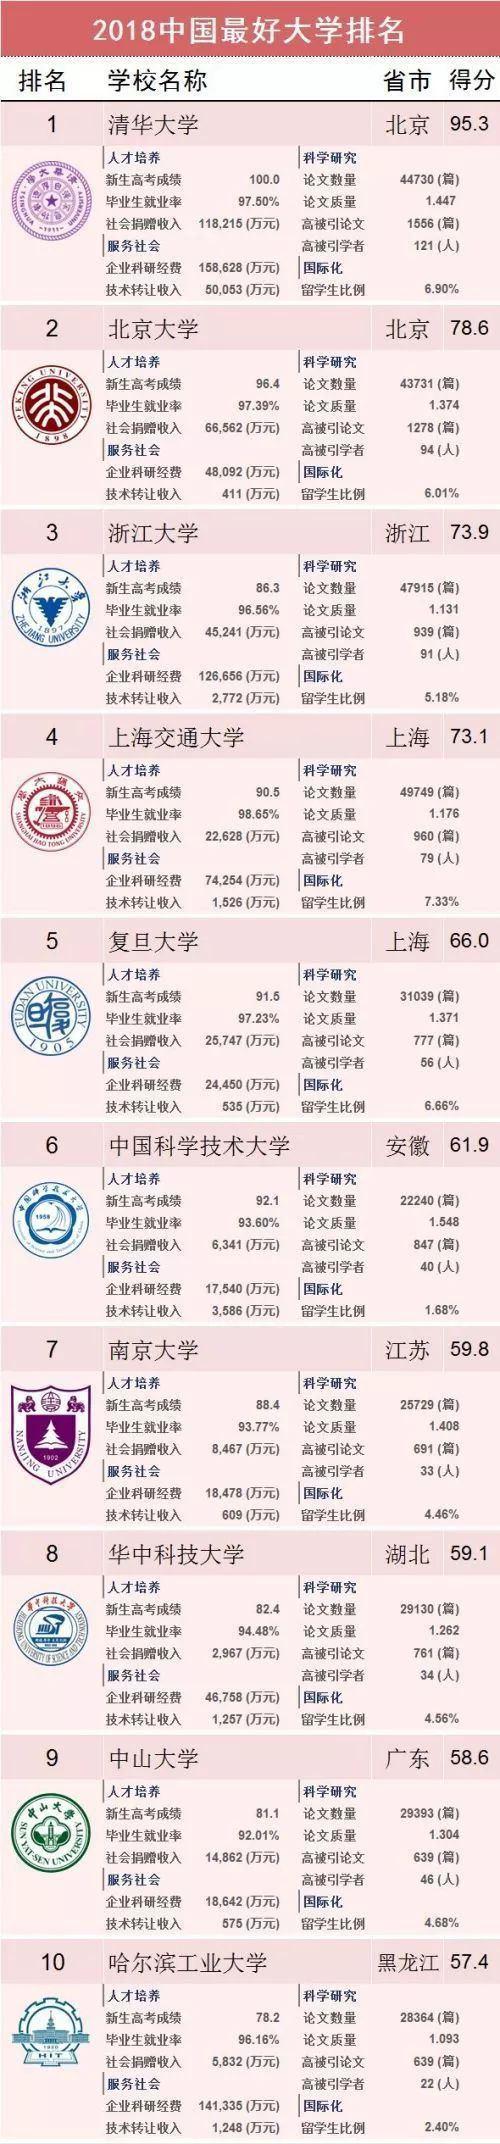 #2019最好大学排名#中国最好大学排名发布,你母校排第几?